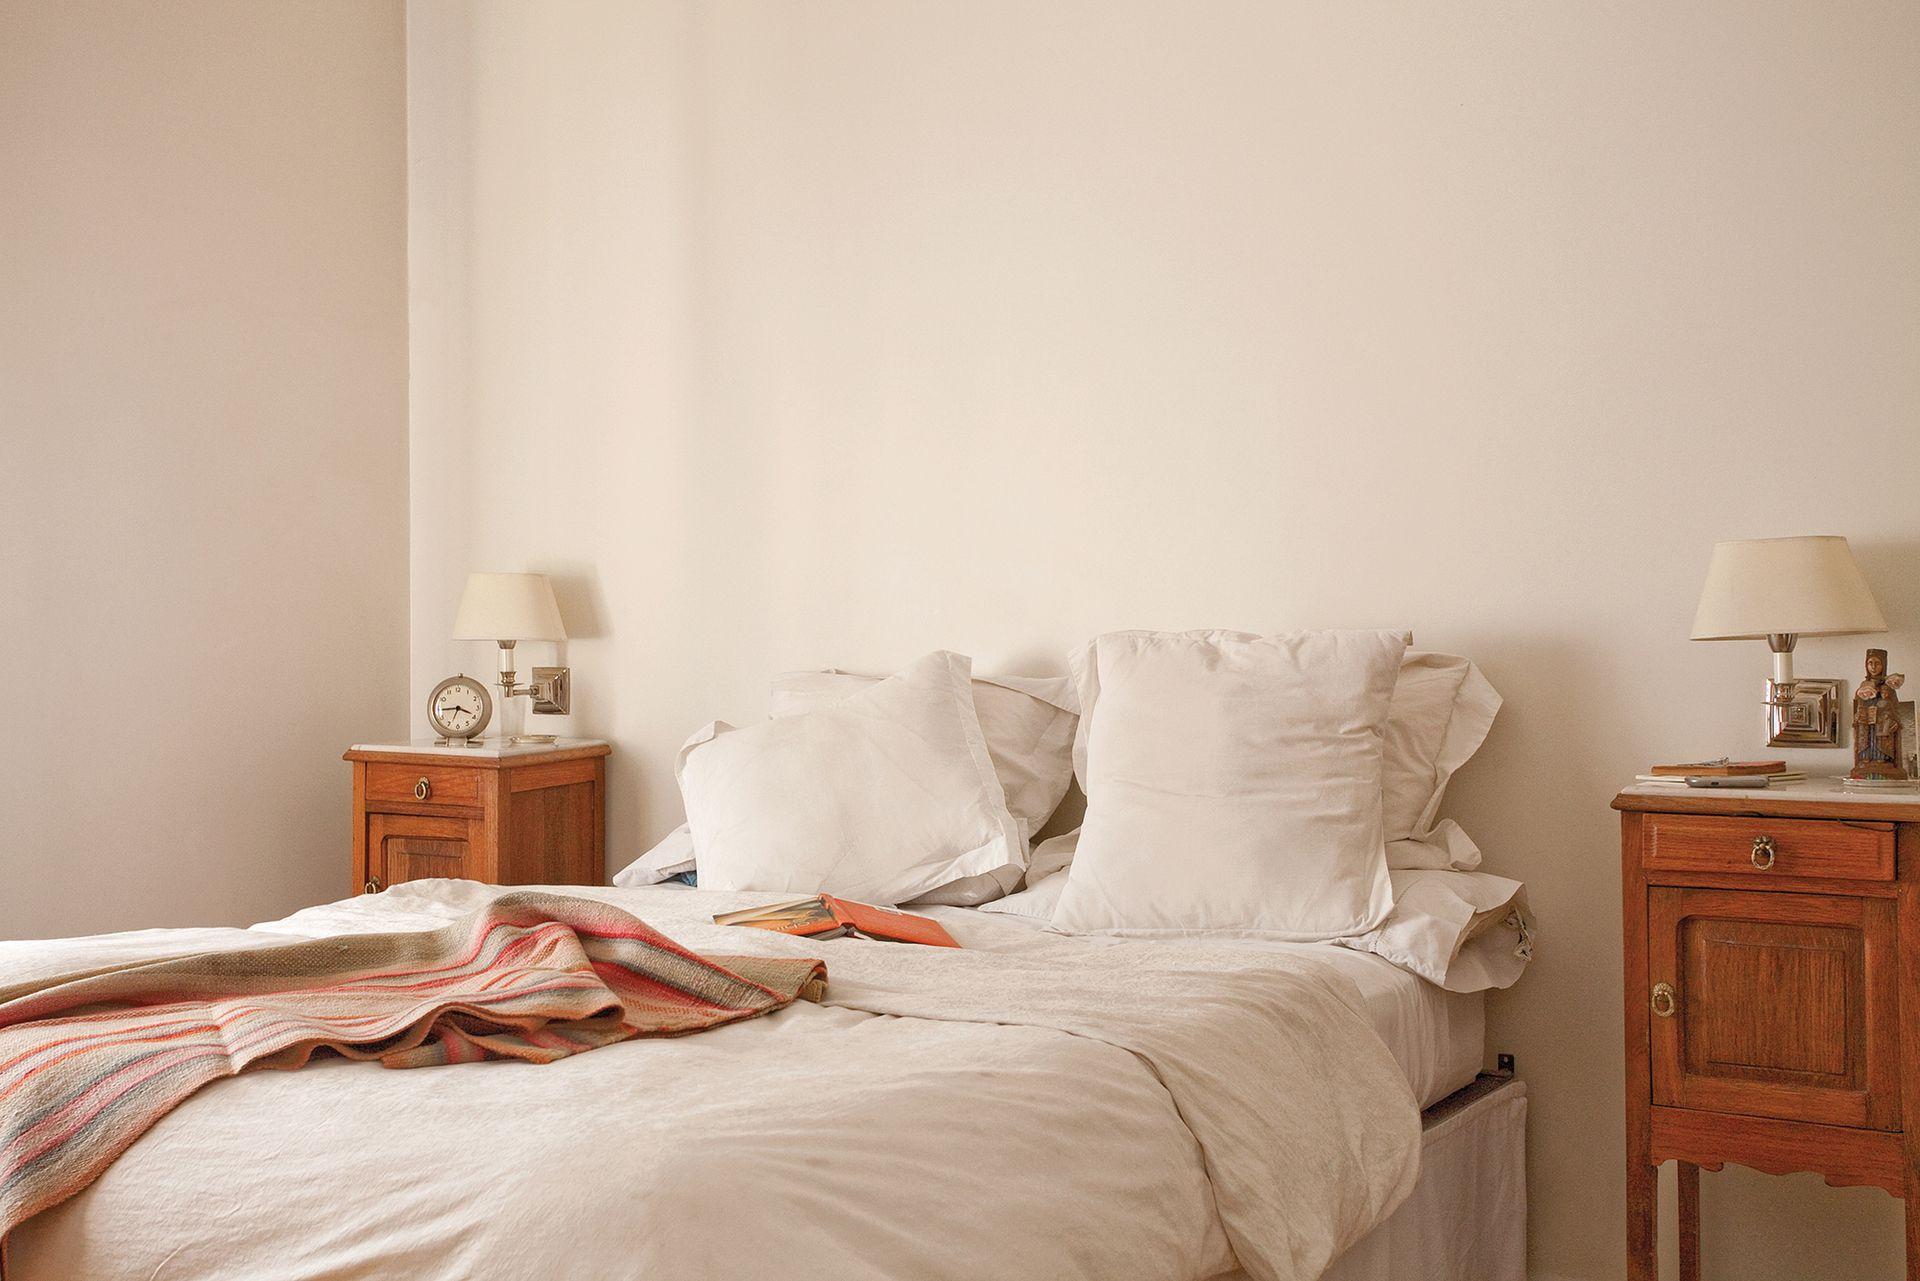 El dormitorio principal sigue los tonos del resto de la casa. Simpleza y calidez al frente.